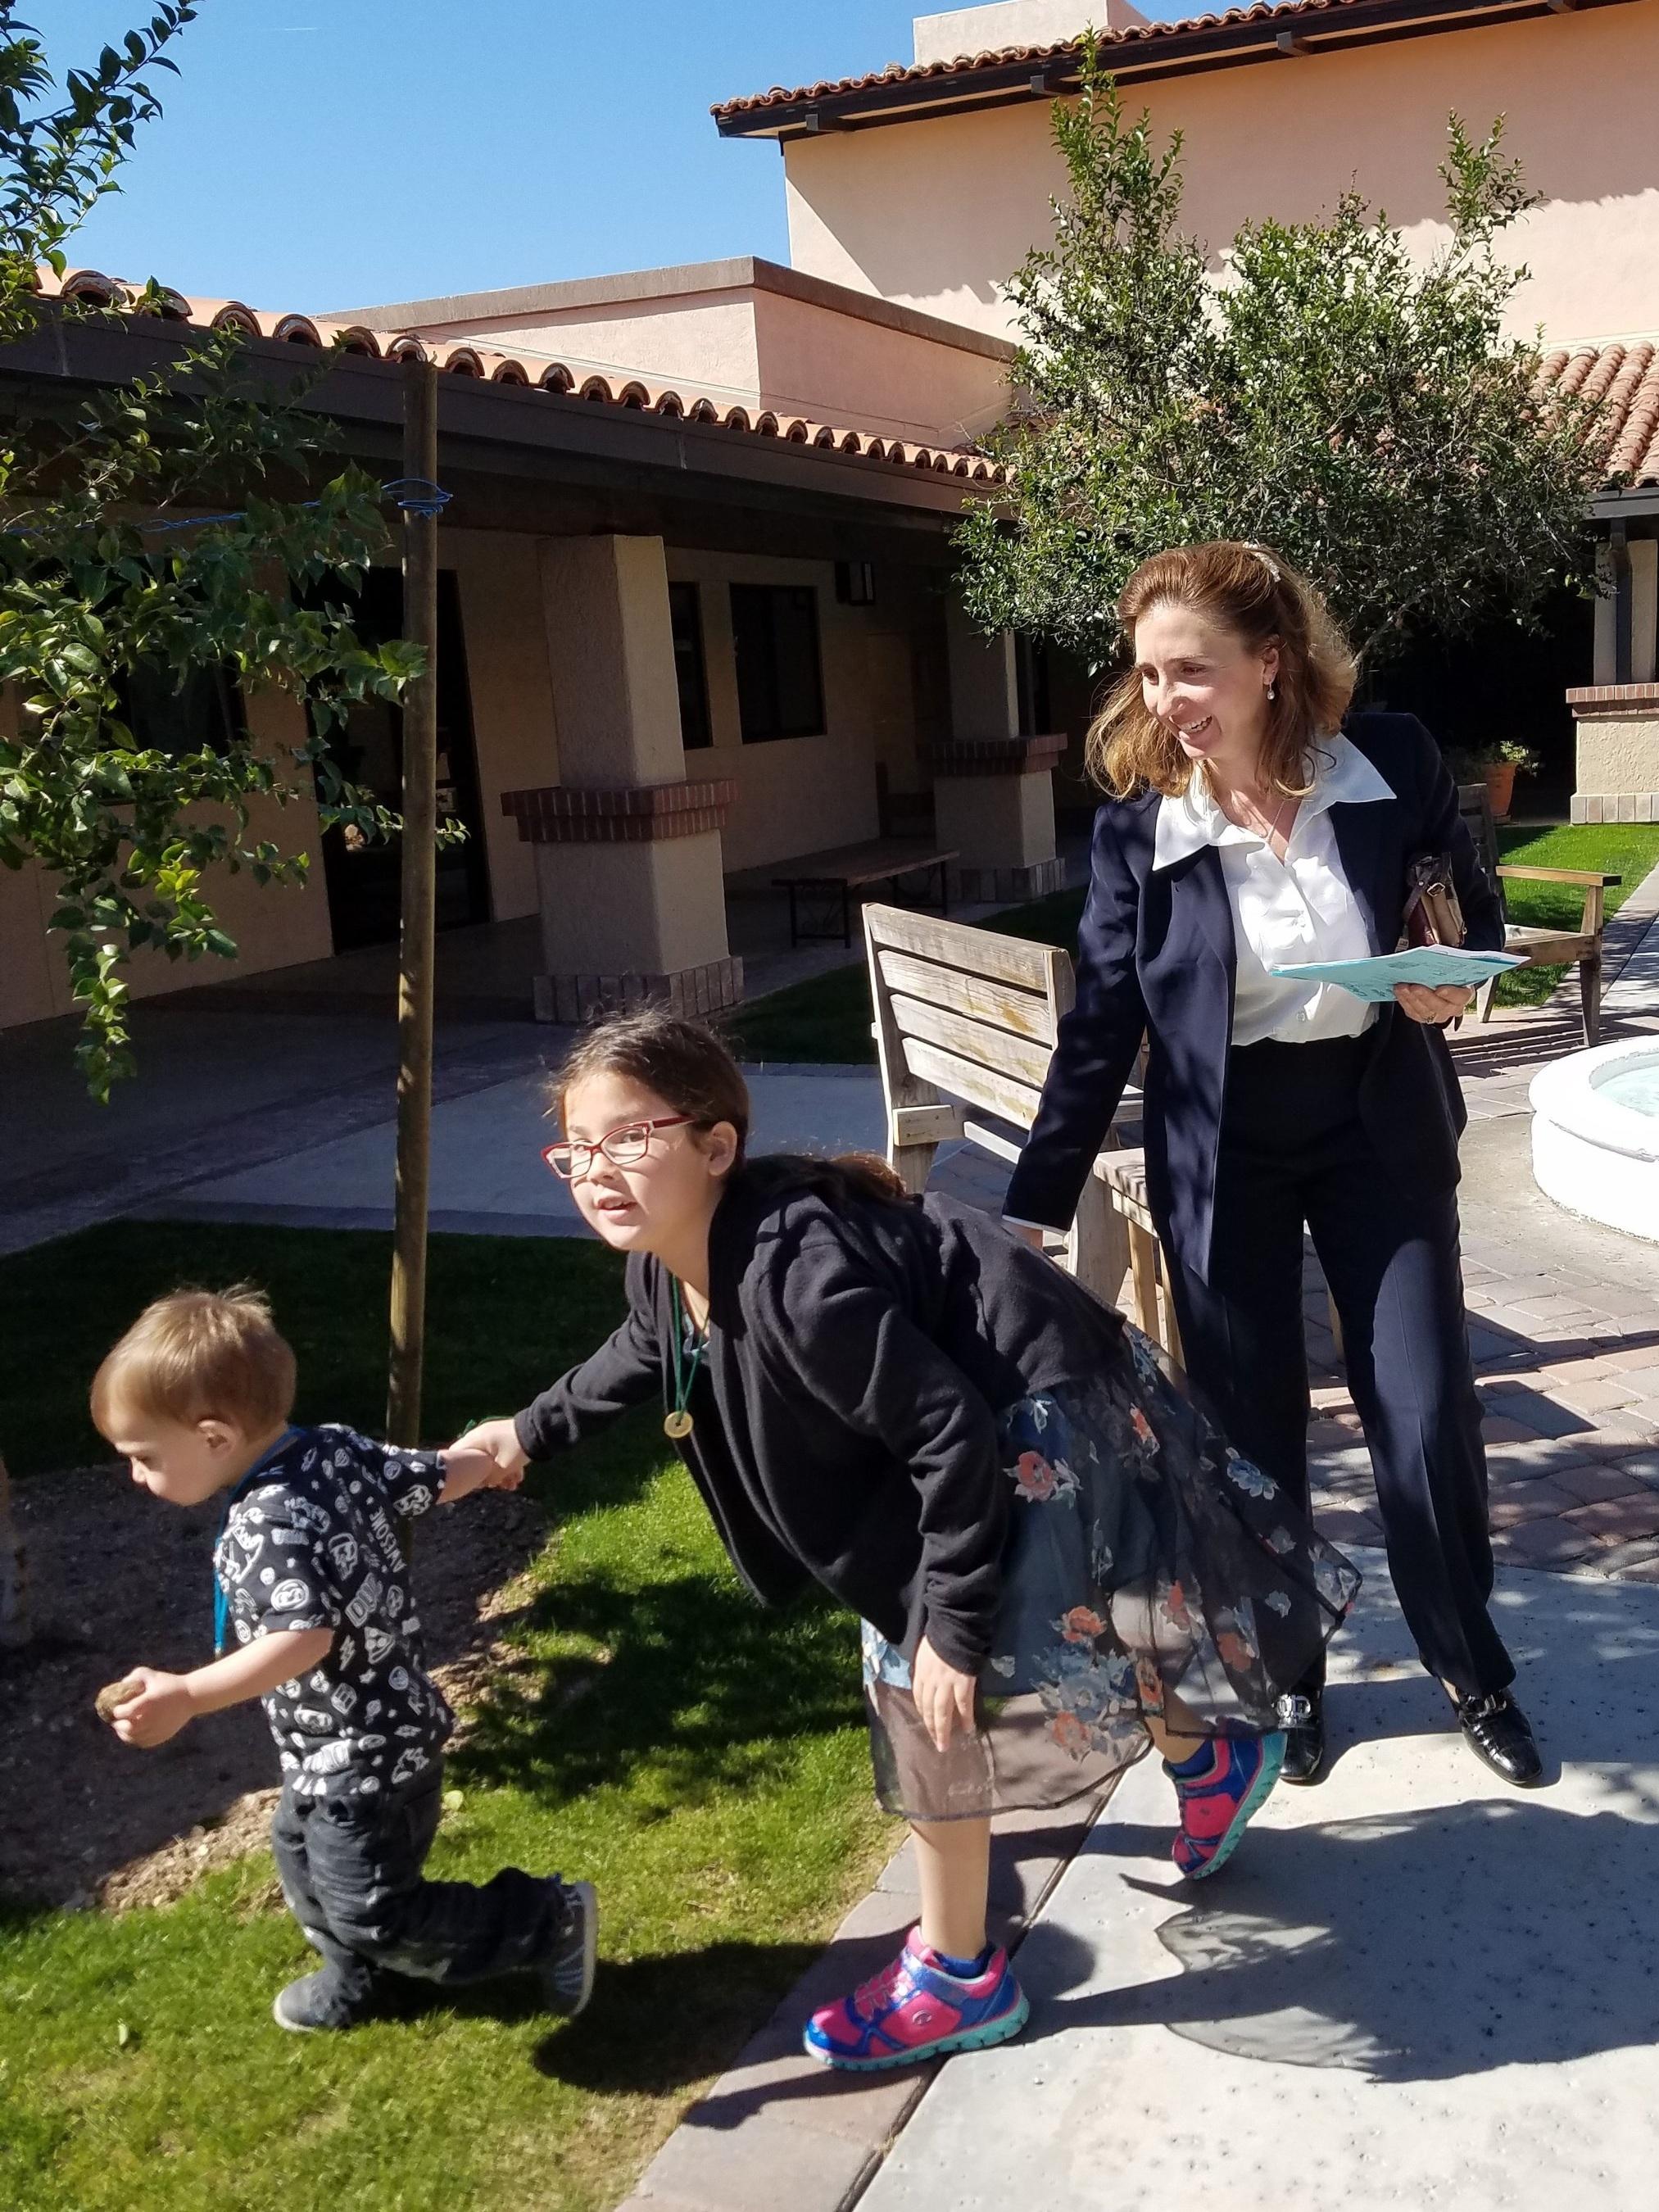 Nicole+with+Kids.jpg